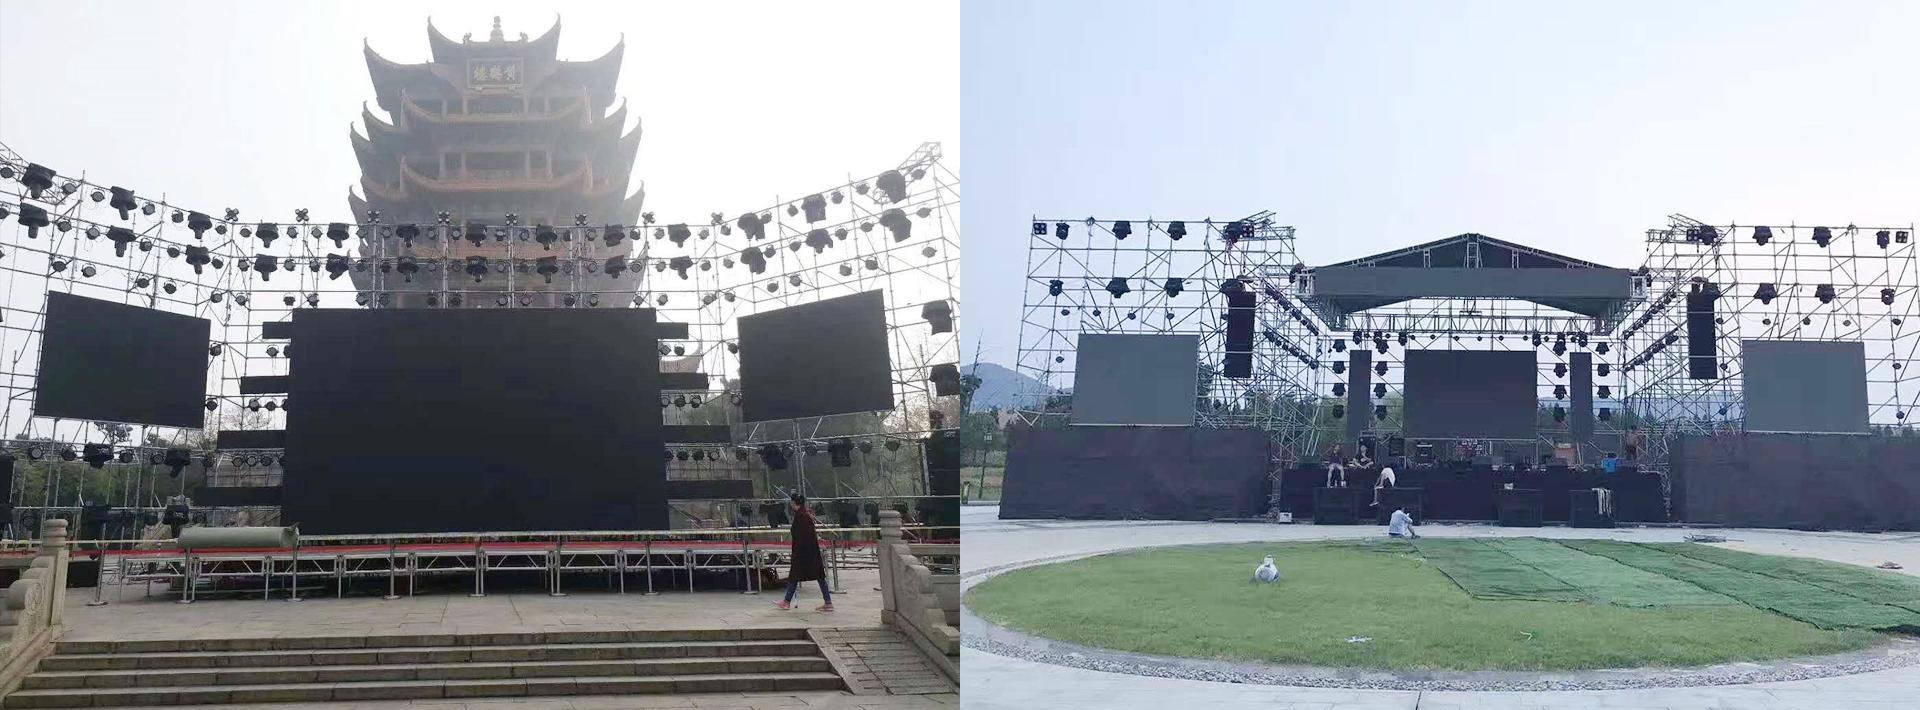 钢铁折叠舞台